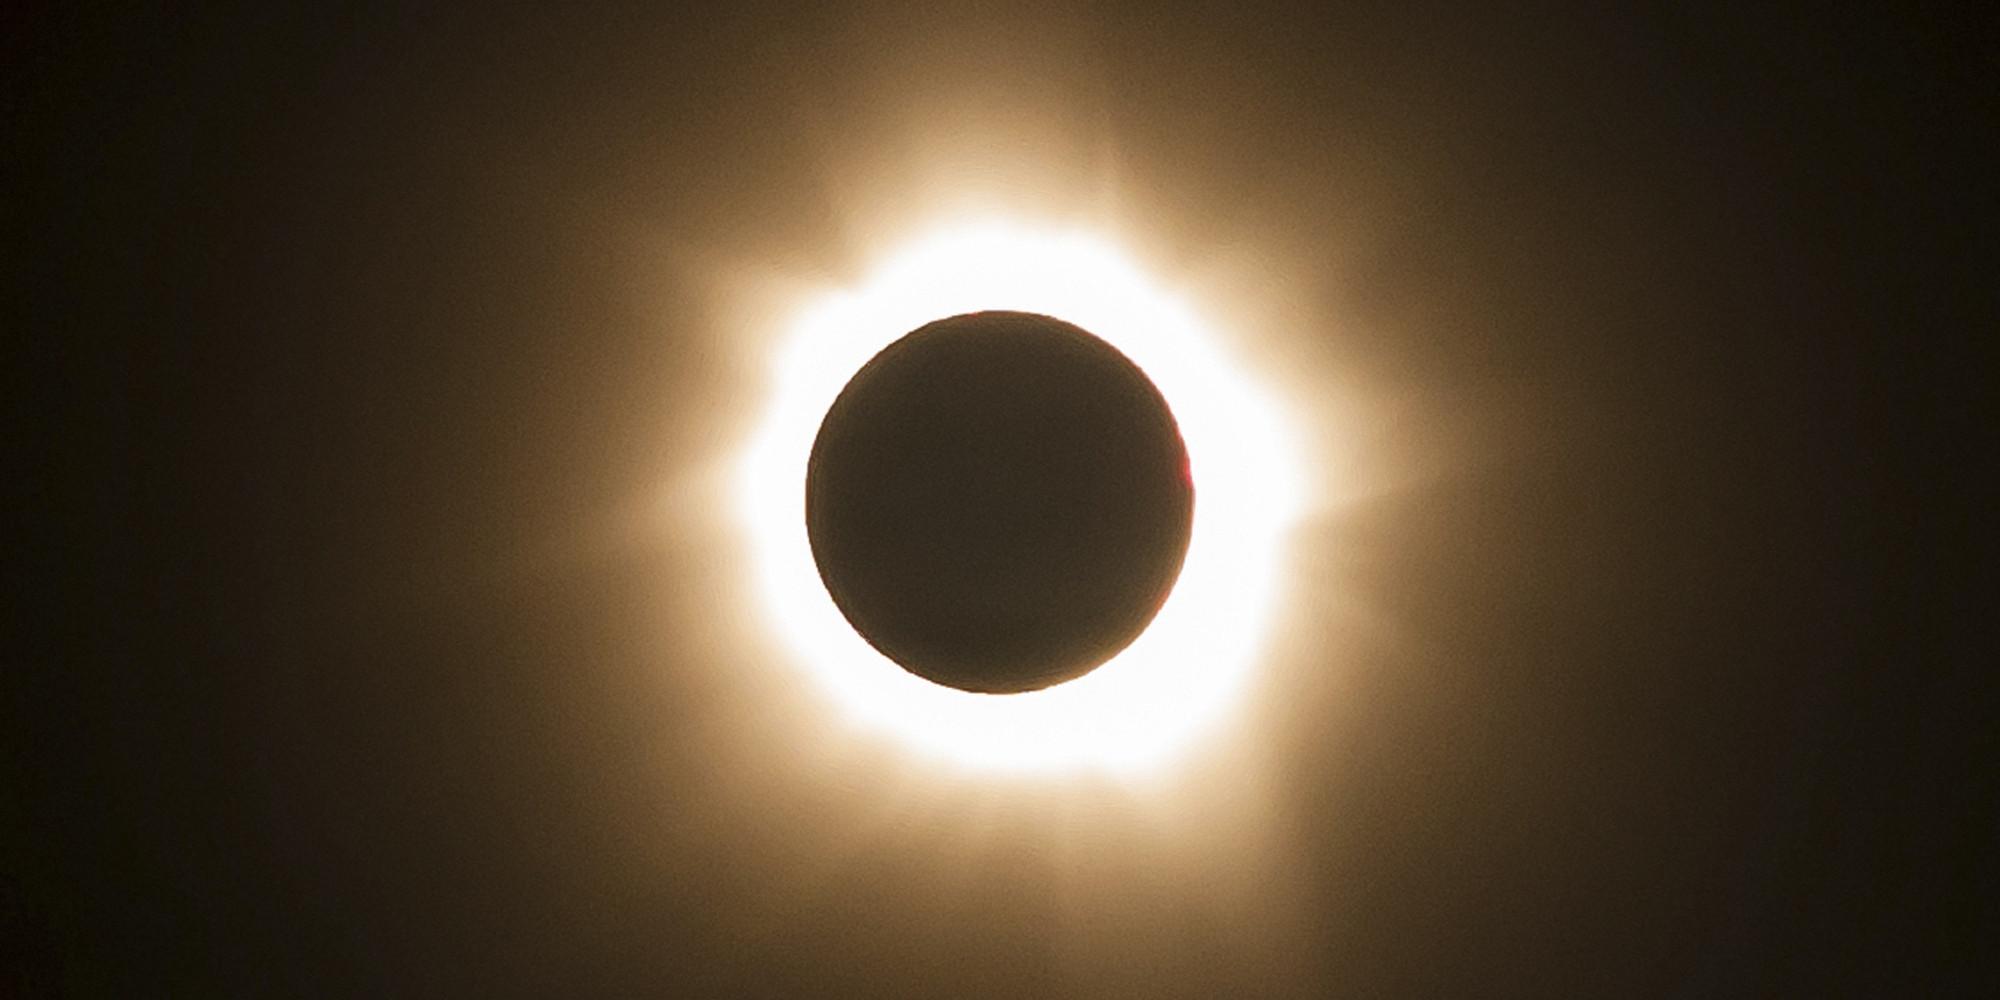 Фото сонце опівдні 29 фотография